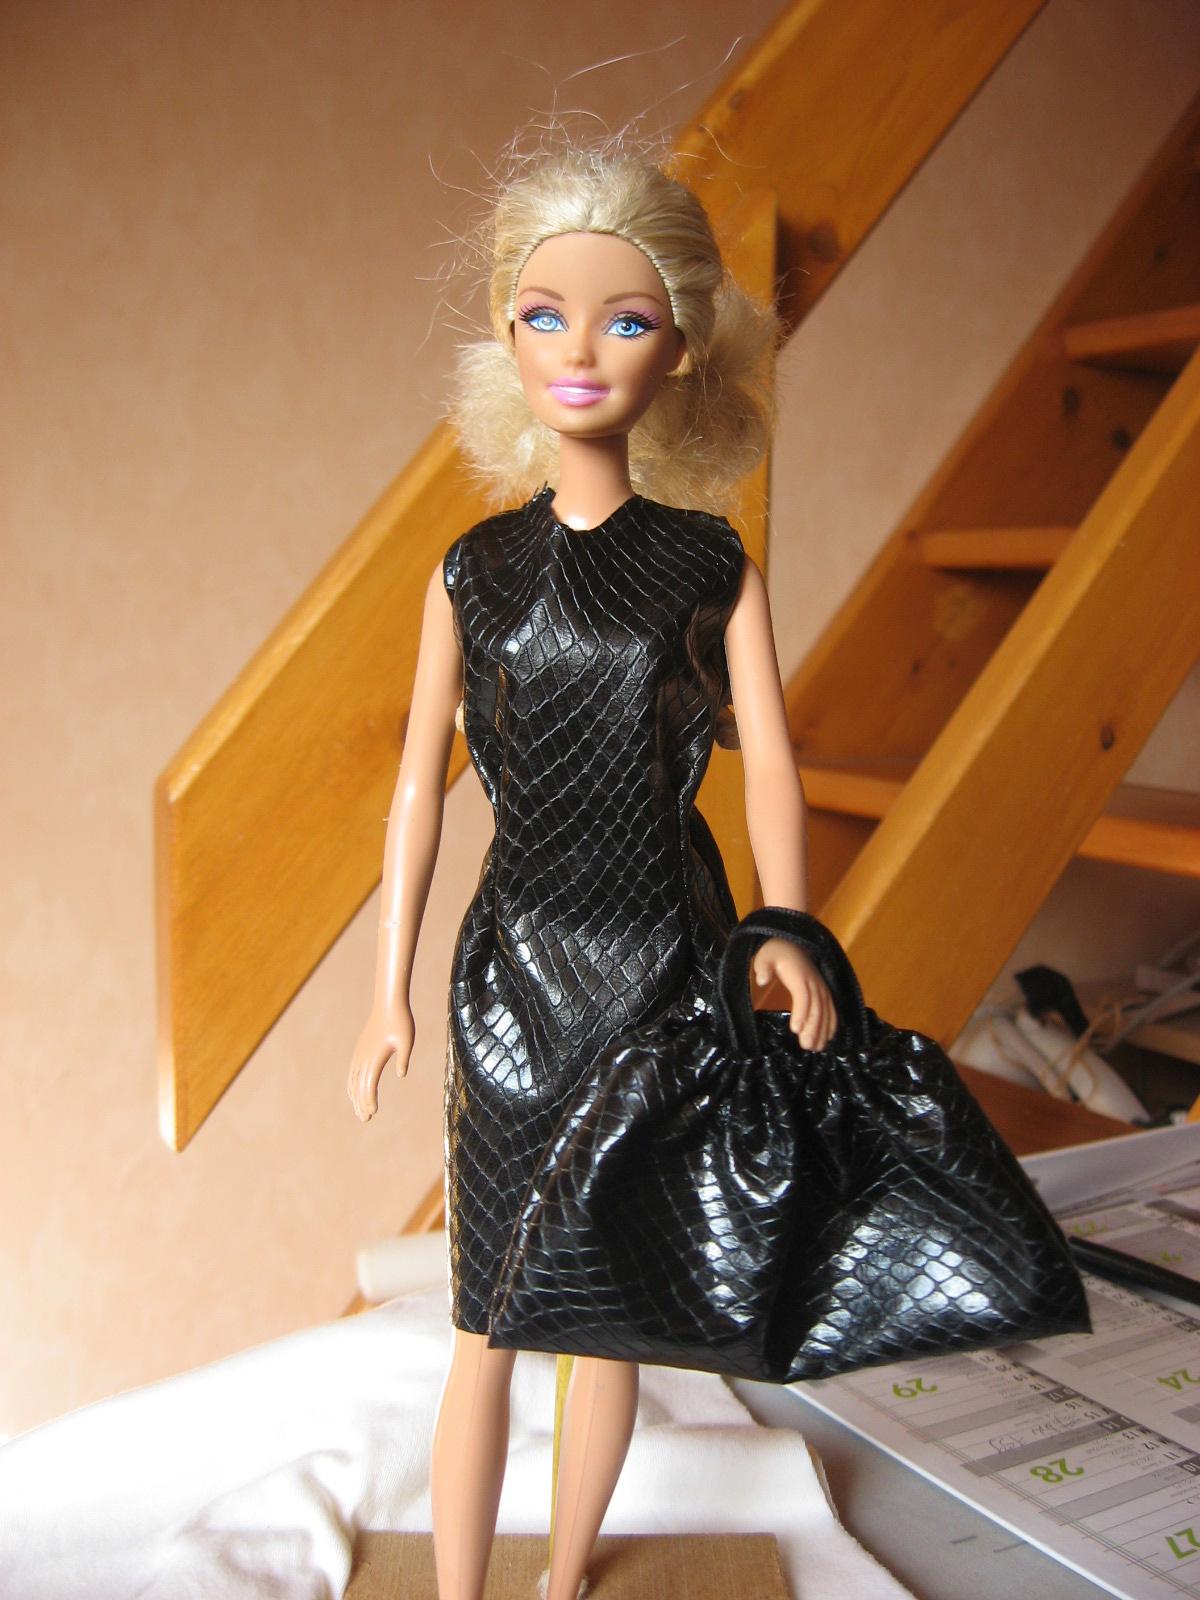 Petite robe noire pour Barbie  Pop Couture